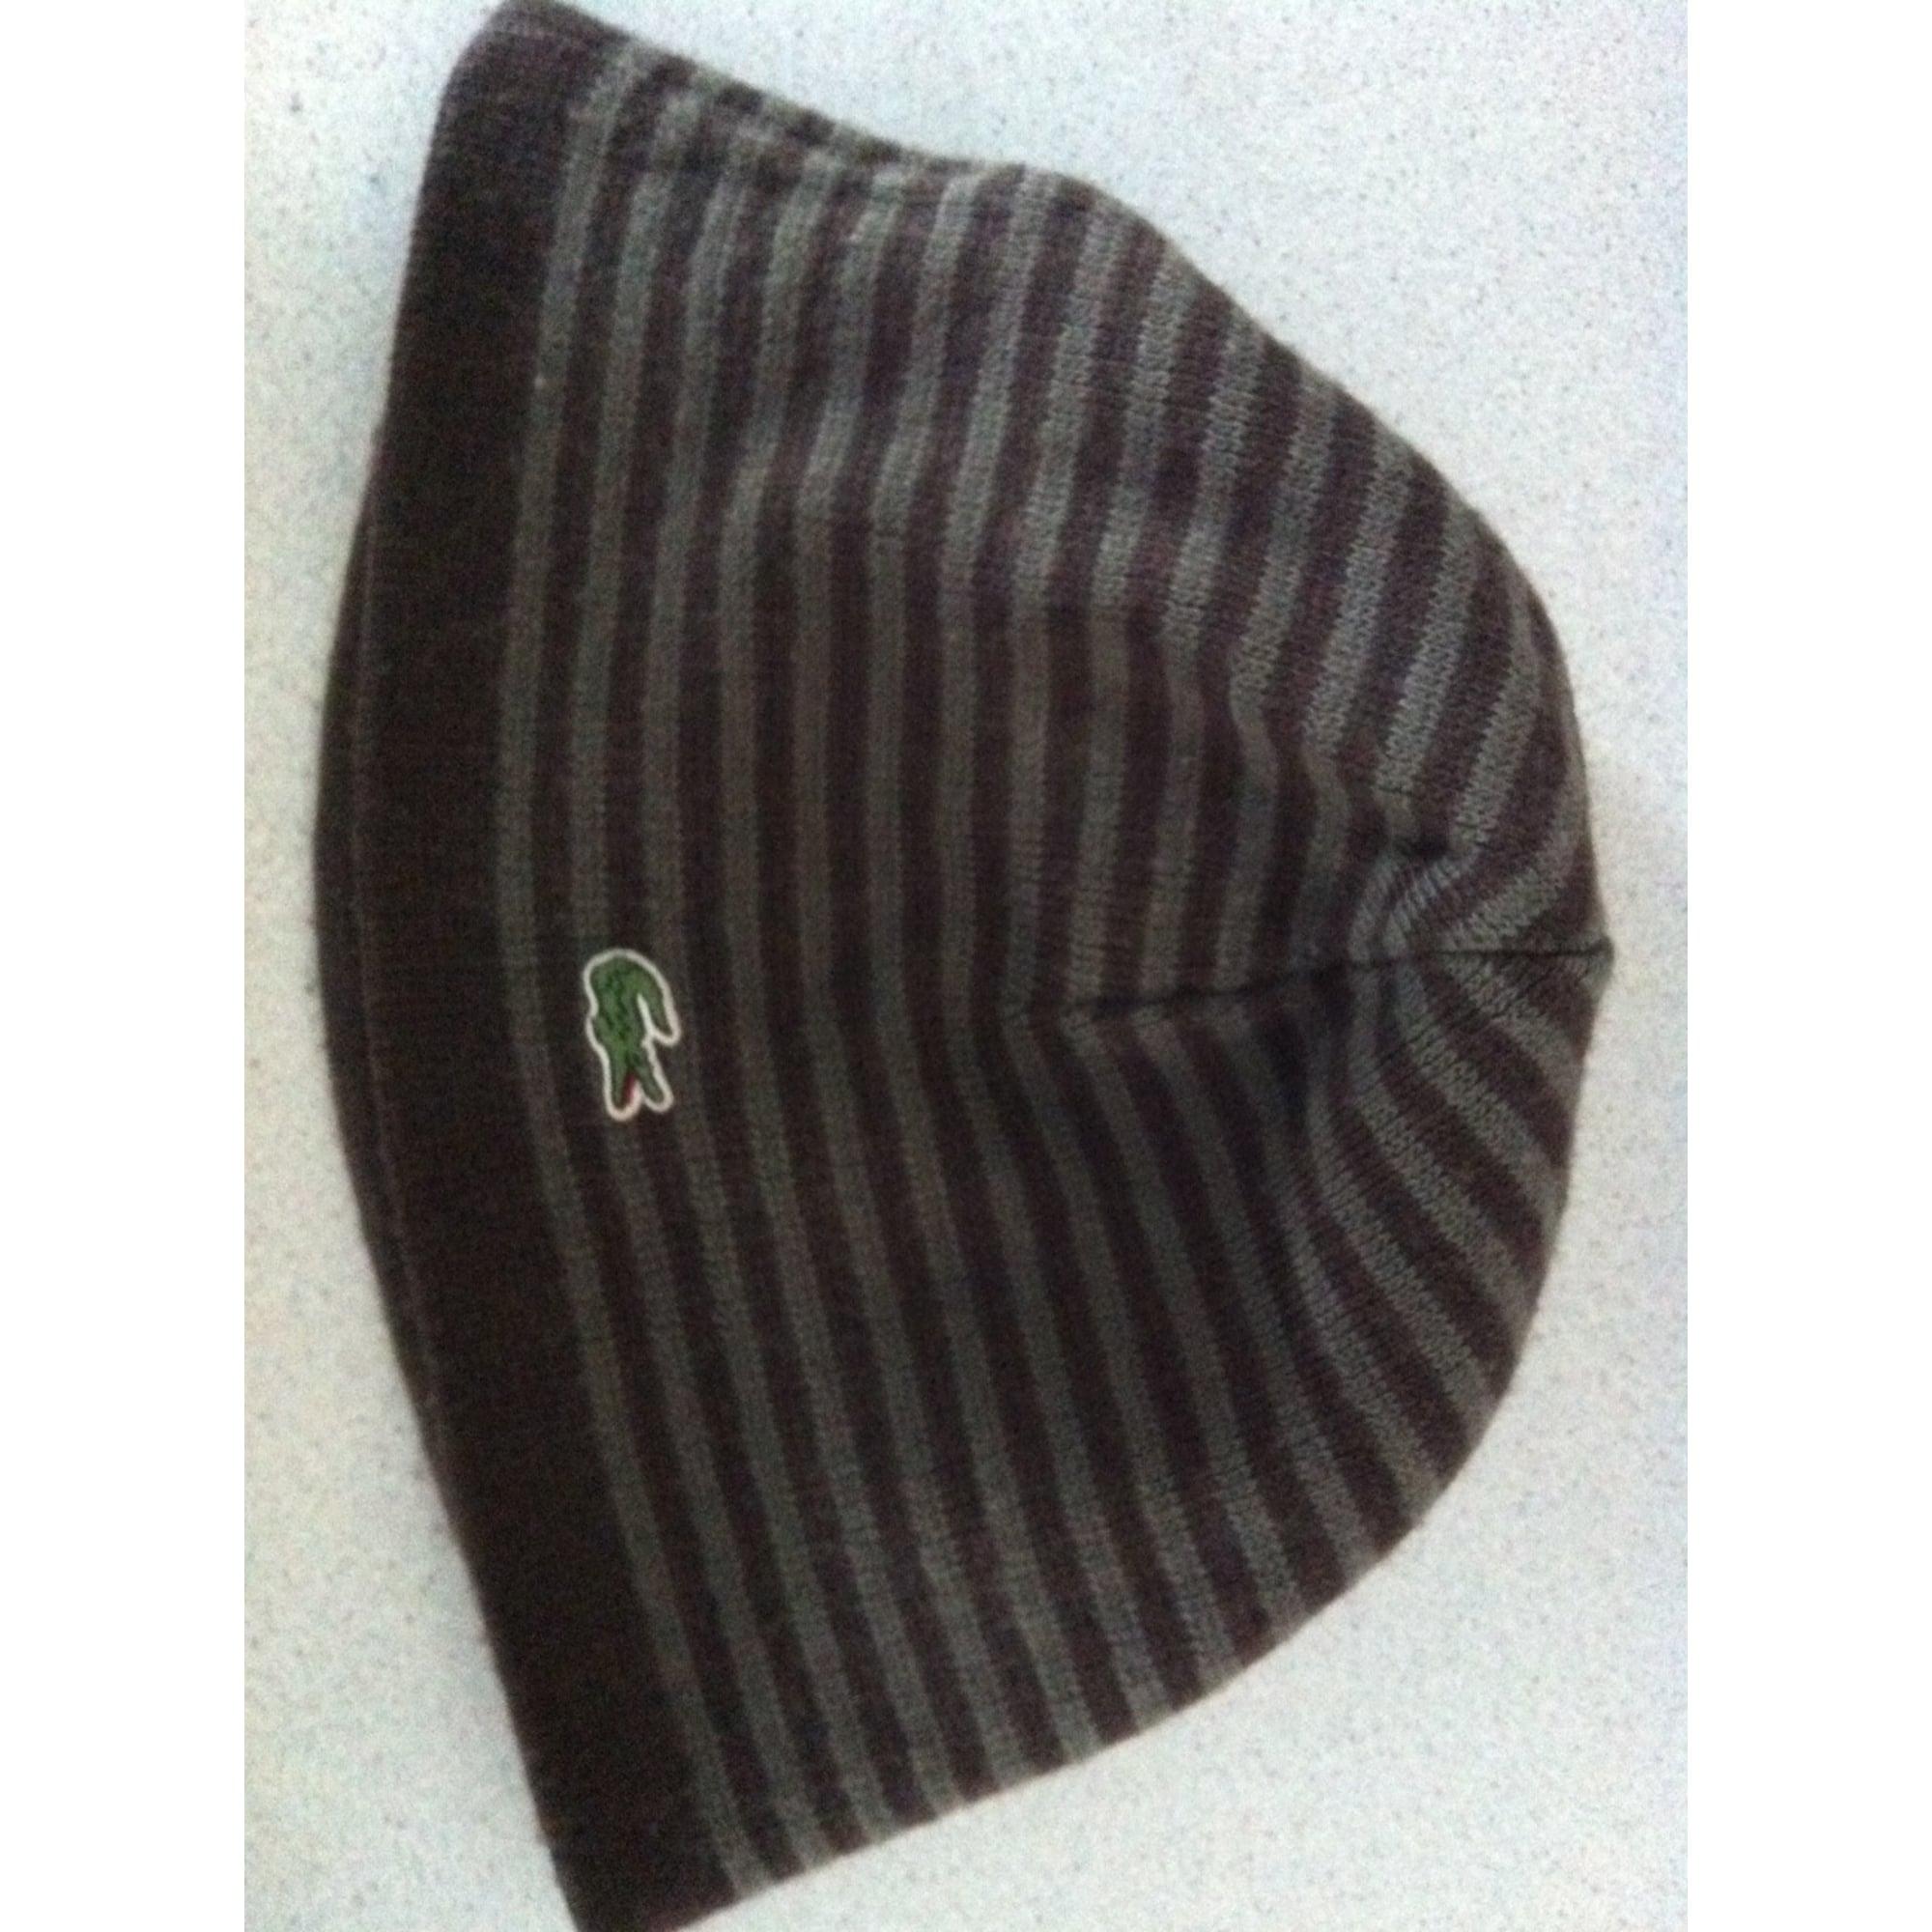 8f41db57c9 Bonnet LACOSTE Taille unique marron vendu par Nicolaa - 876721